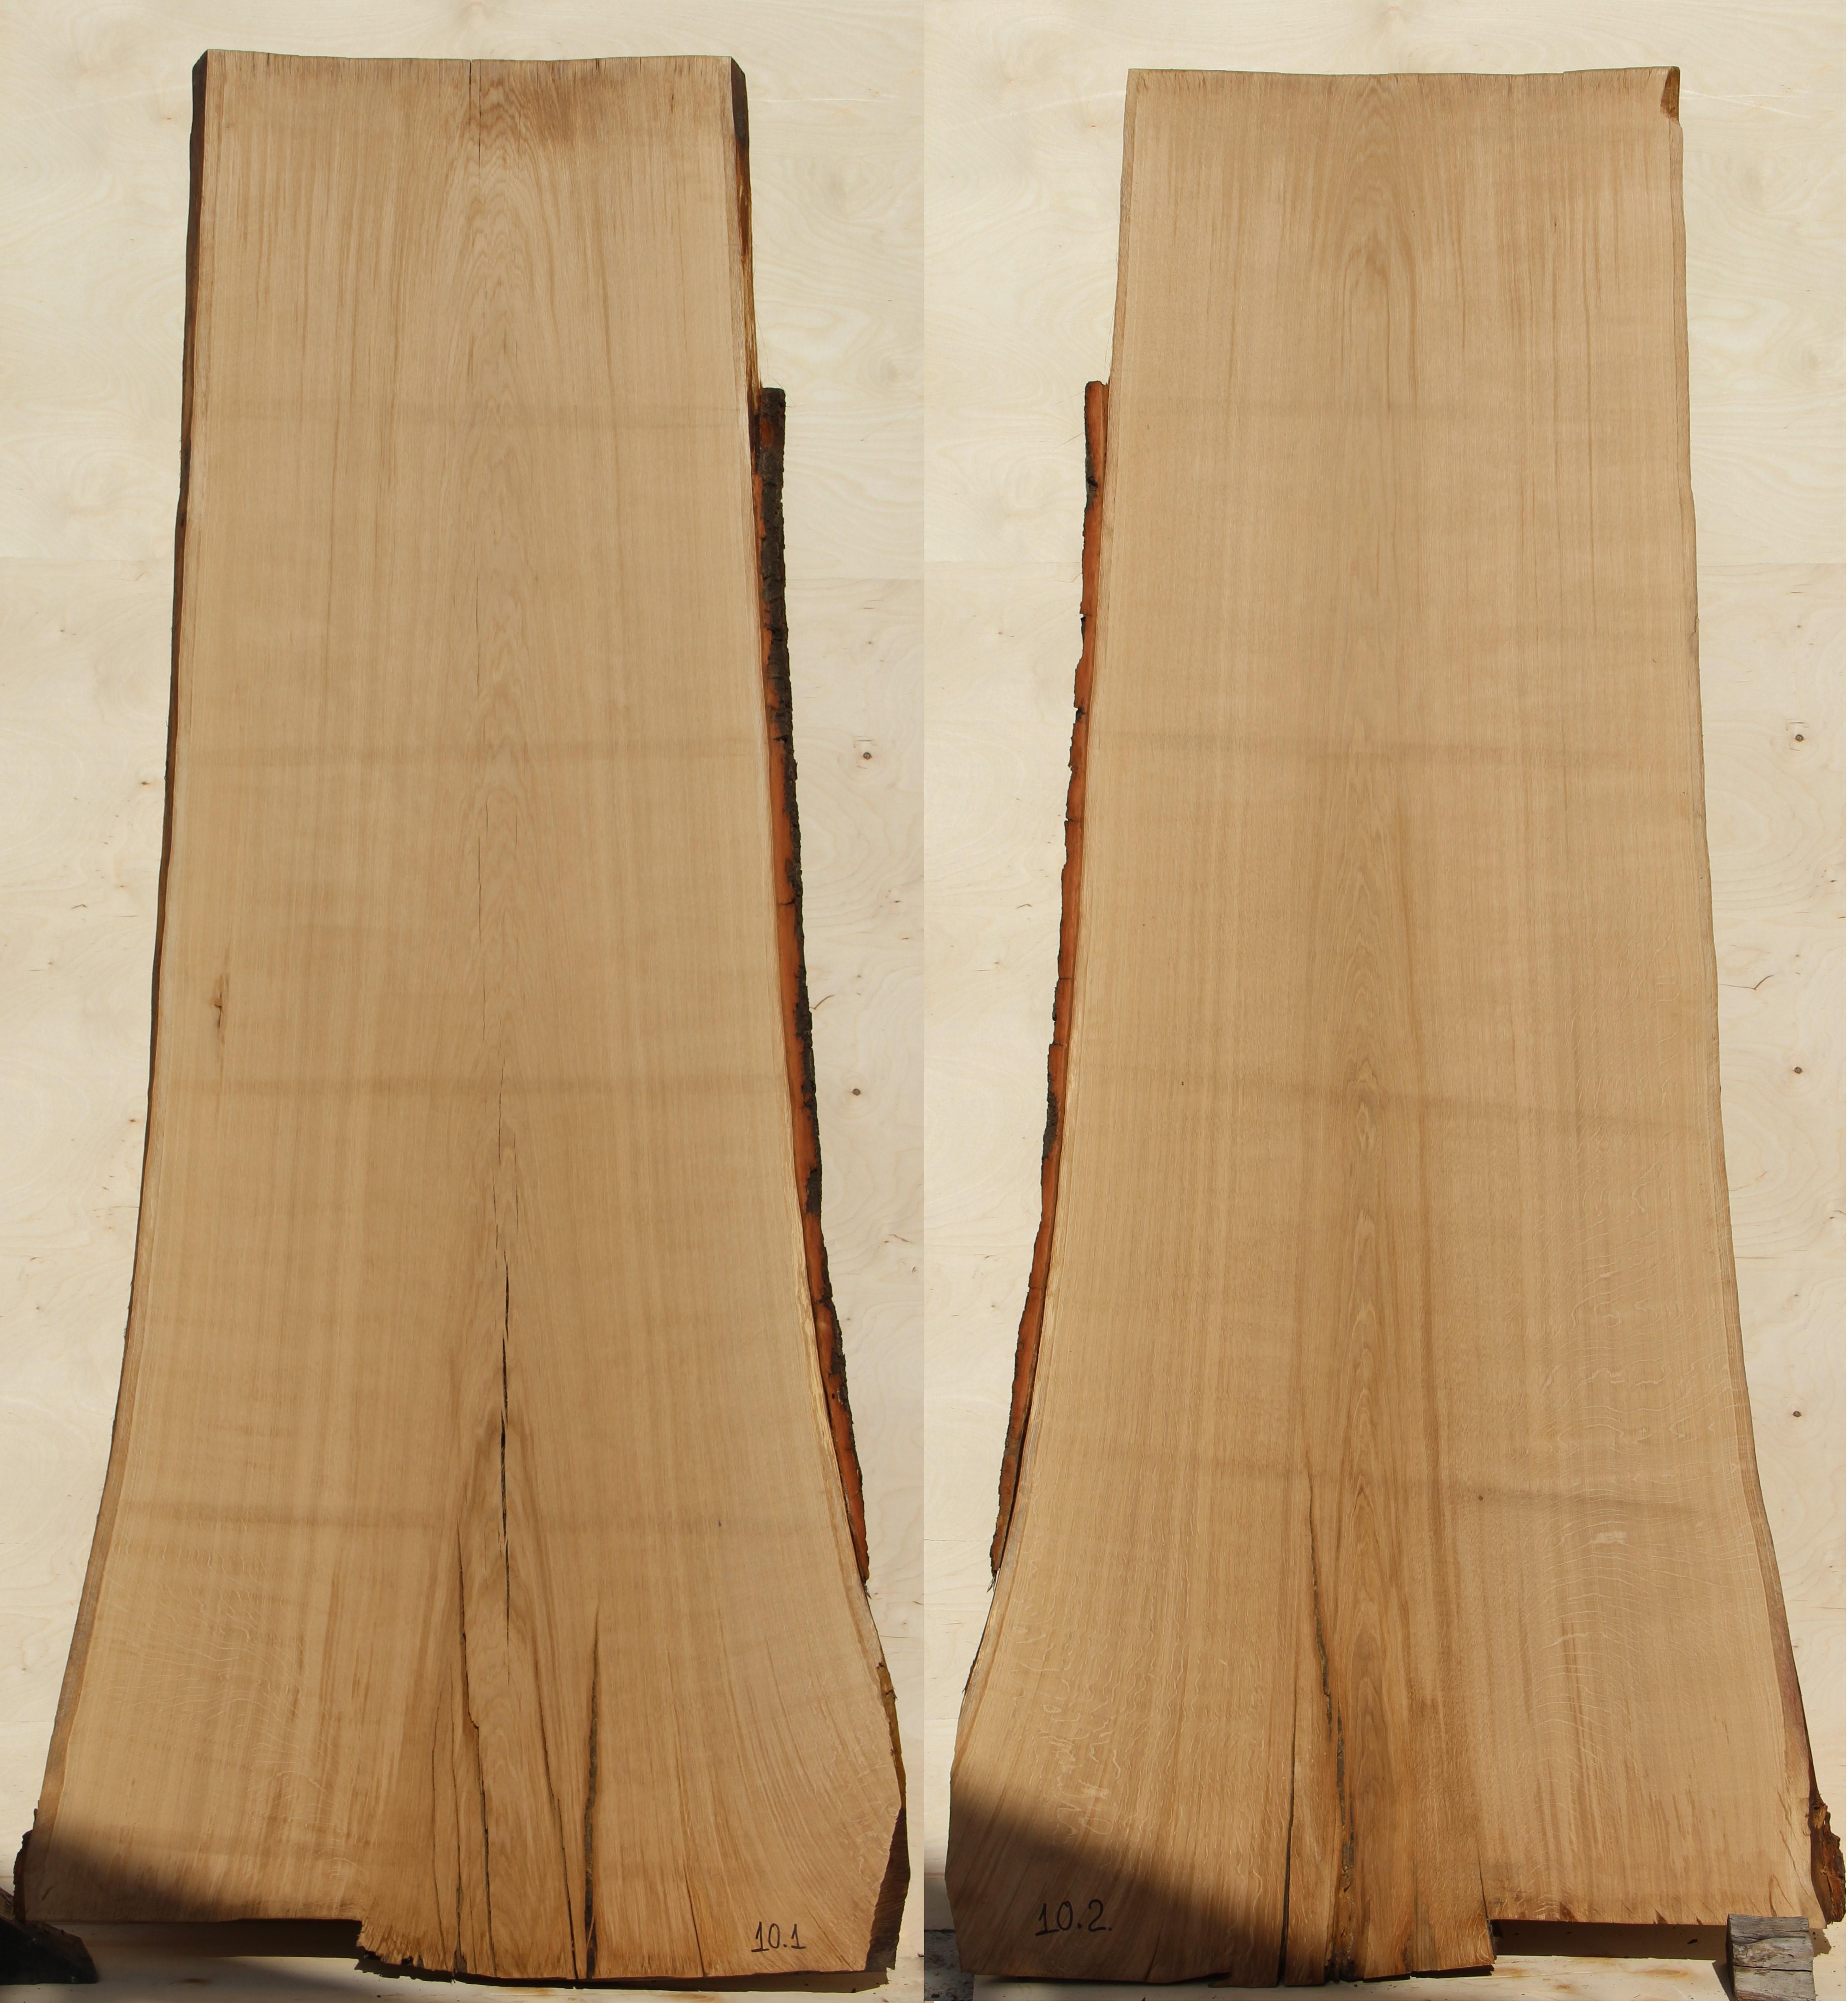 Слэбы (спилы) из Кавказского дуба под заказ 10